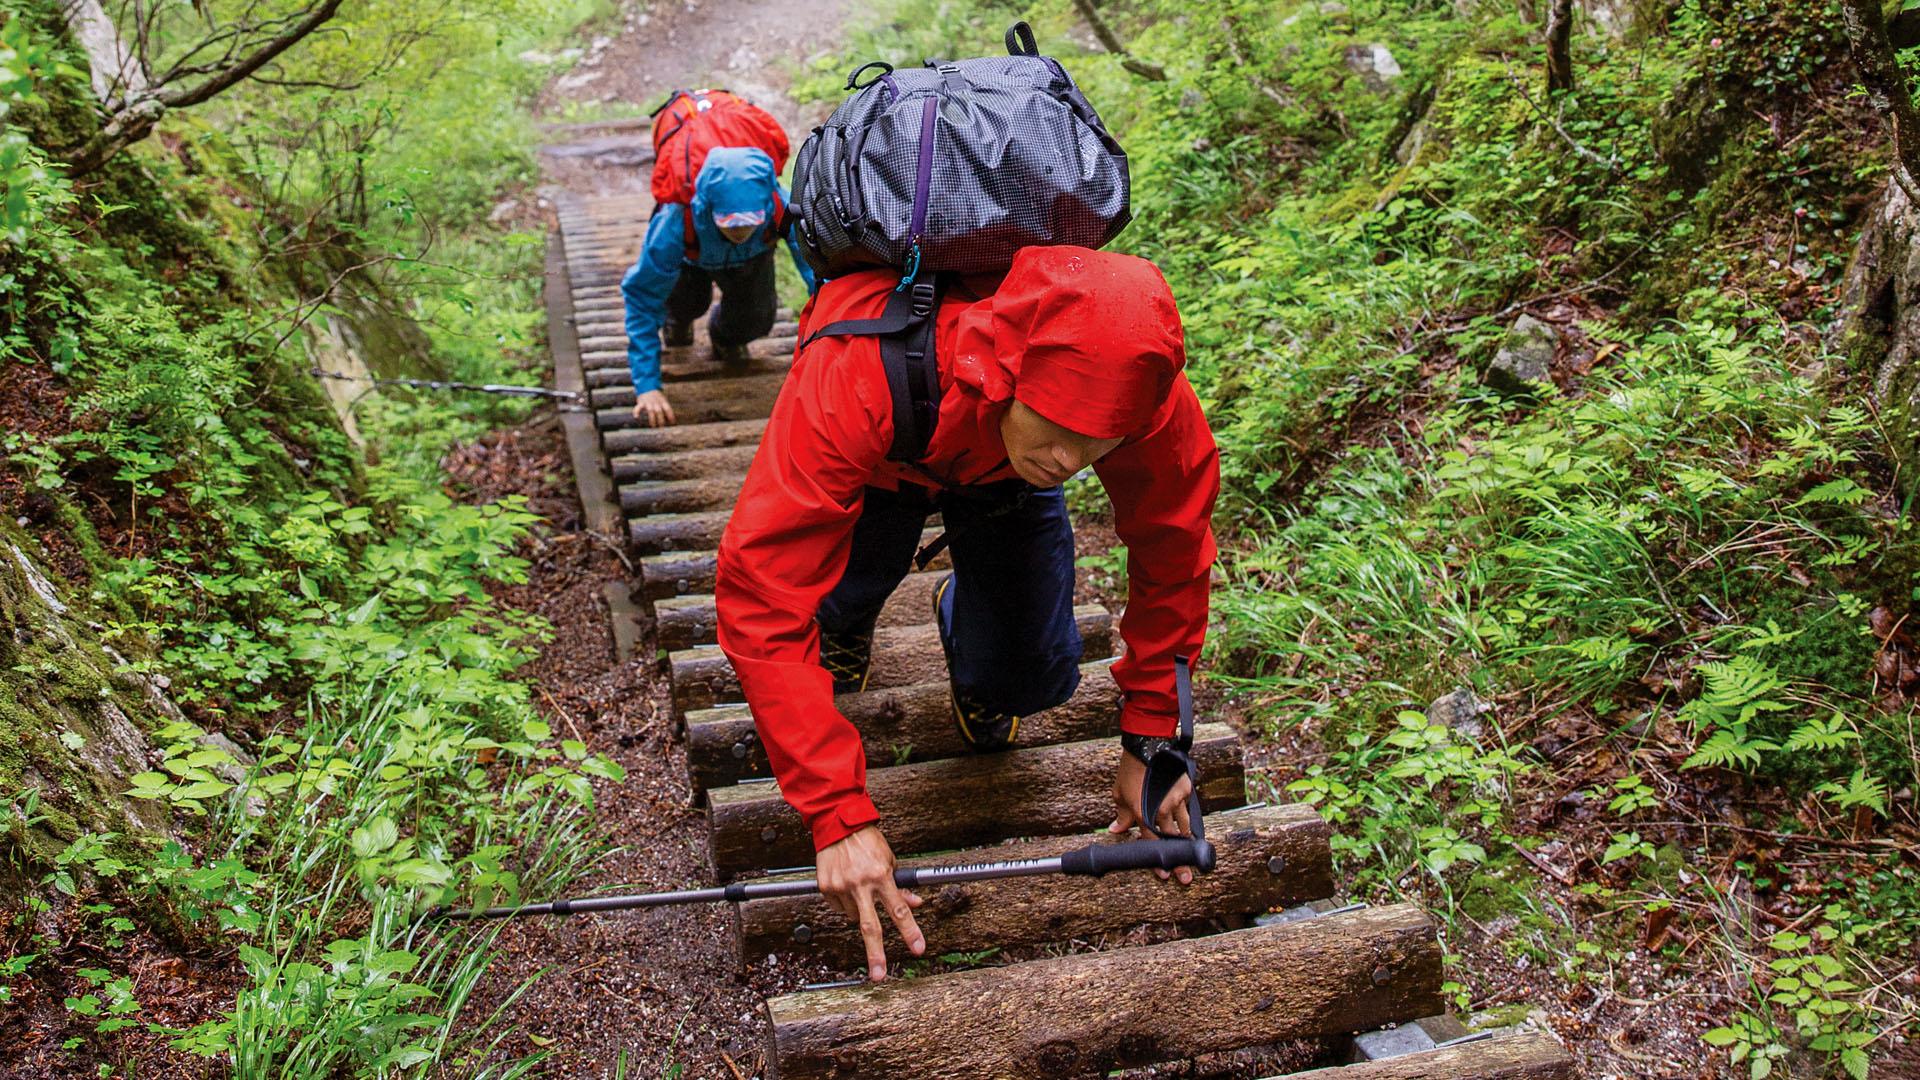 雨季のはじまりを迎えた甲斐駒ヶ岳で、霧雨の中を登り進む花谷泰広と岡本理沙。 JEFF JOHNSON